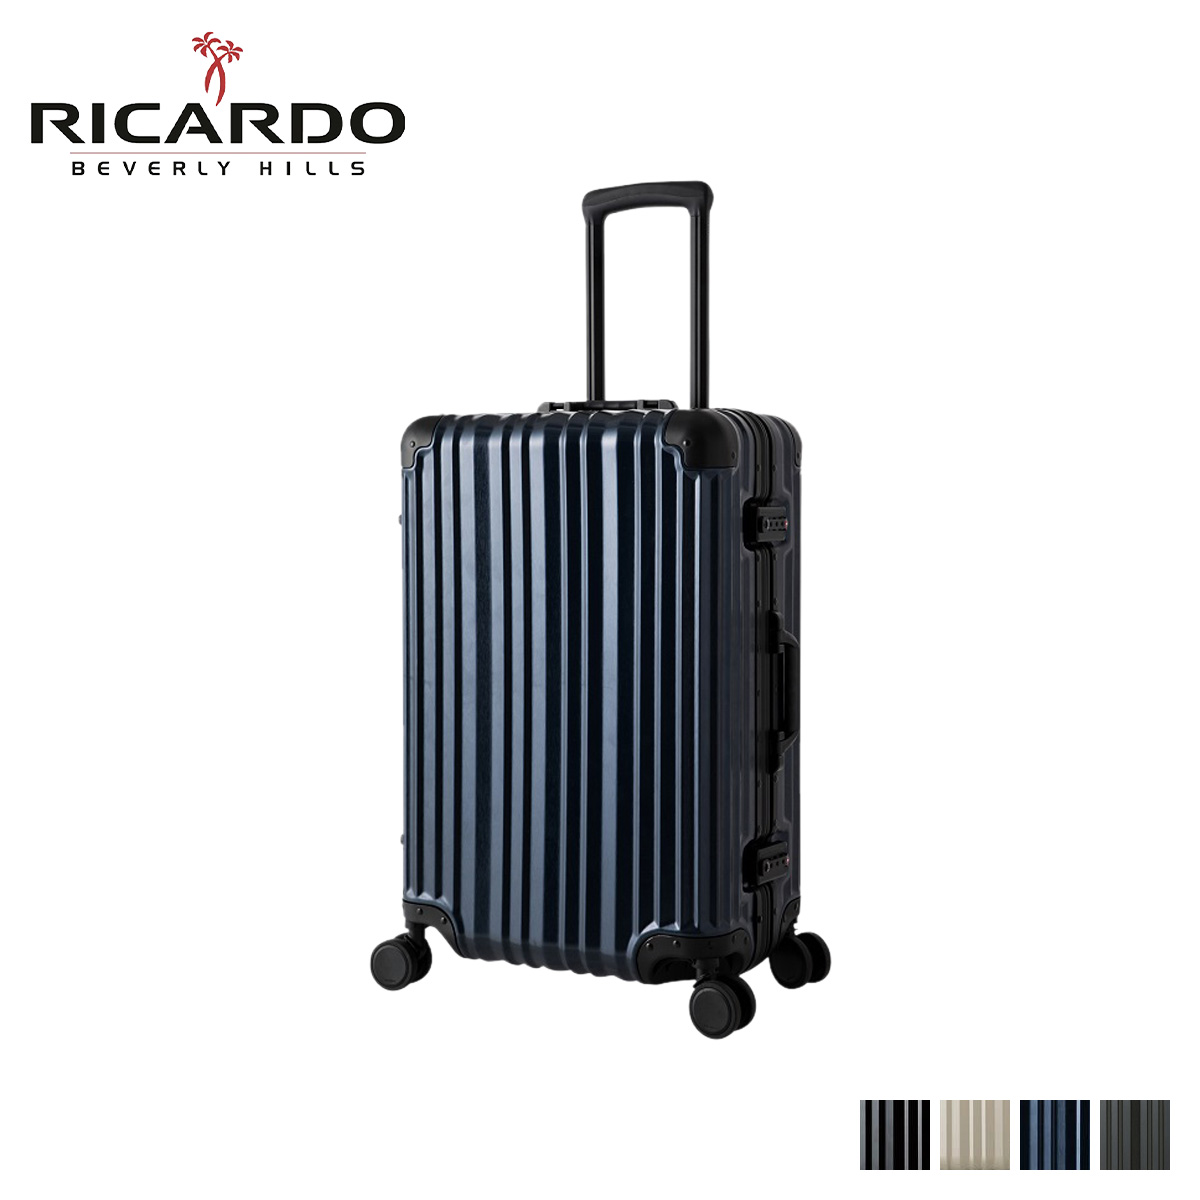 RICARDO リカルド エルロン スーツケース キャリーケース キャリーバッグ メンズ 58L AILERON ブラック グレー ネイビー 黒 AIV-24-4VP [4/13 新入荷]